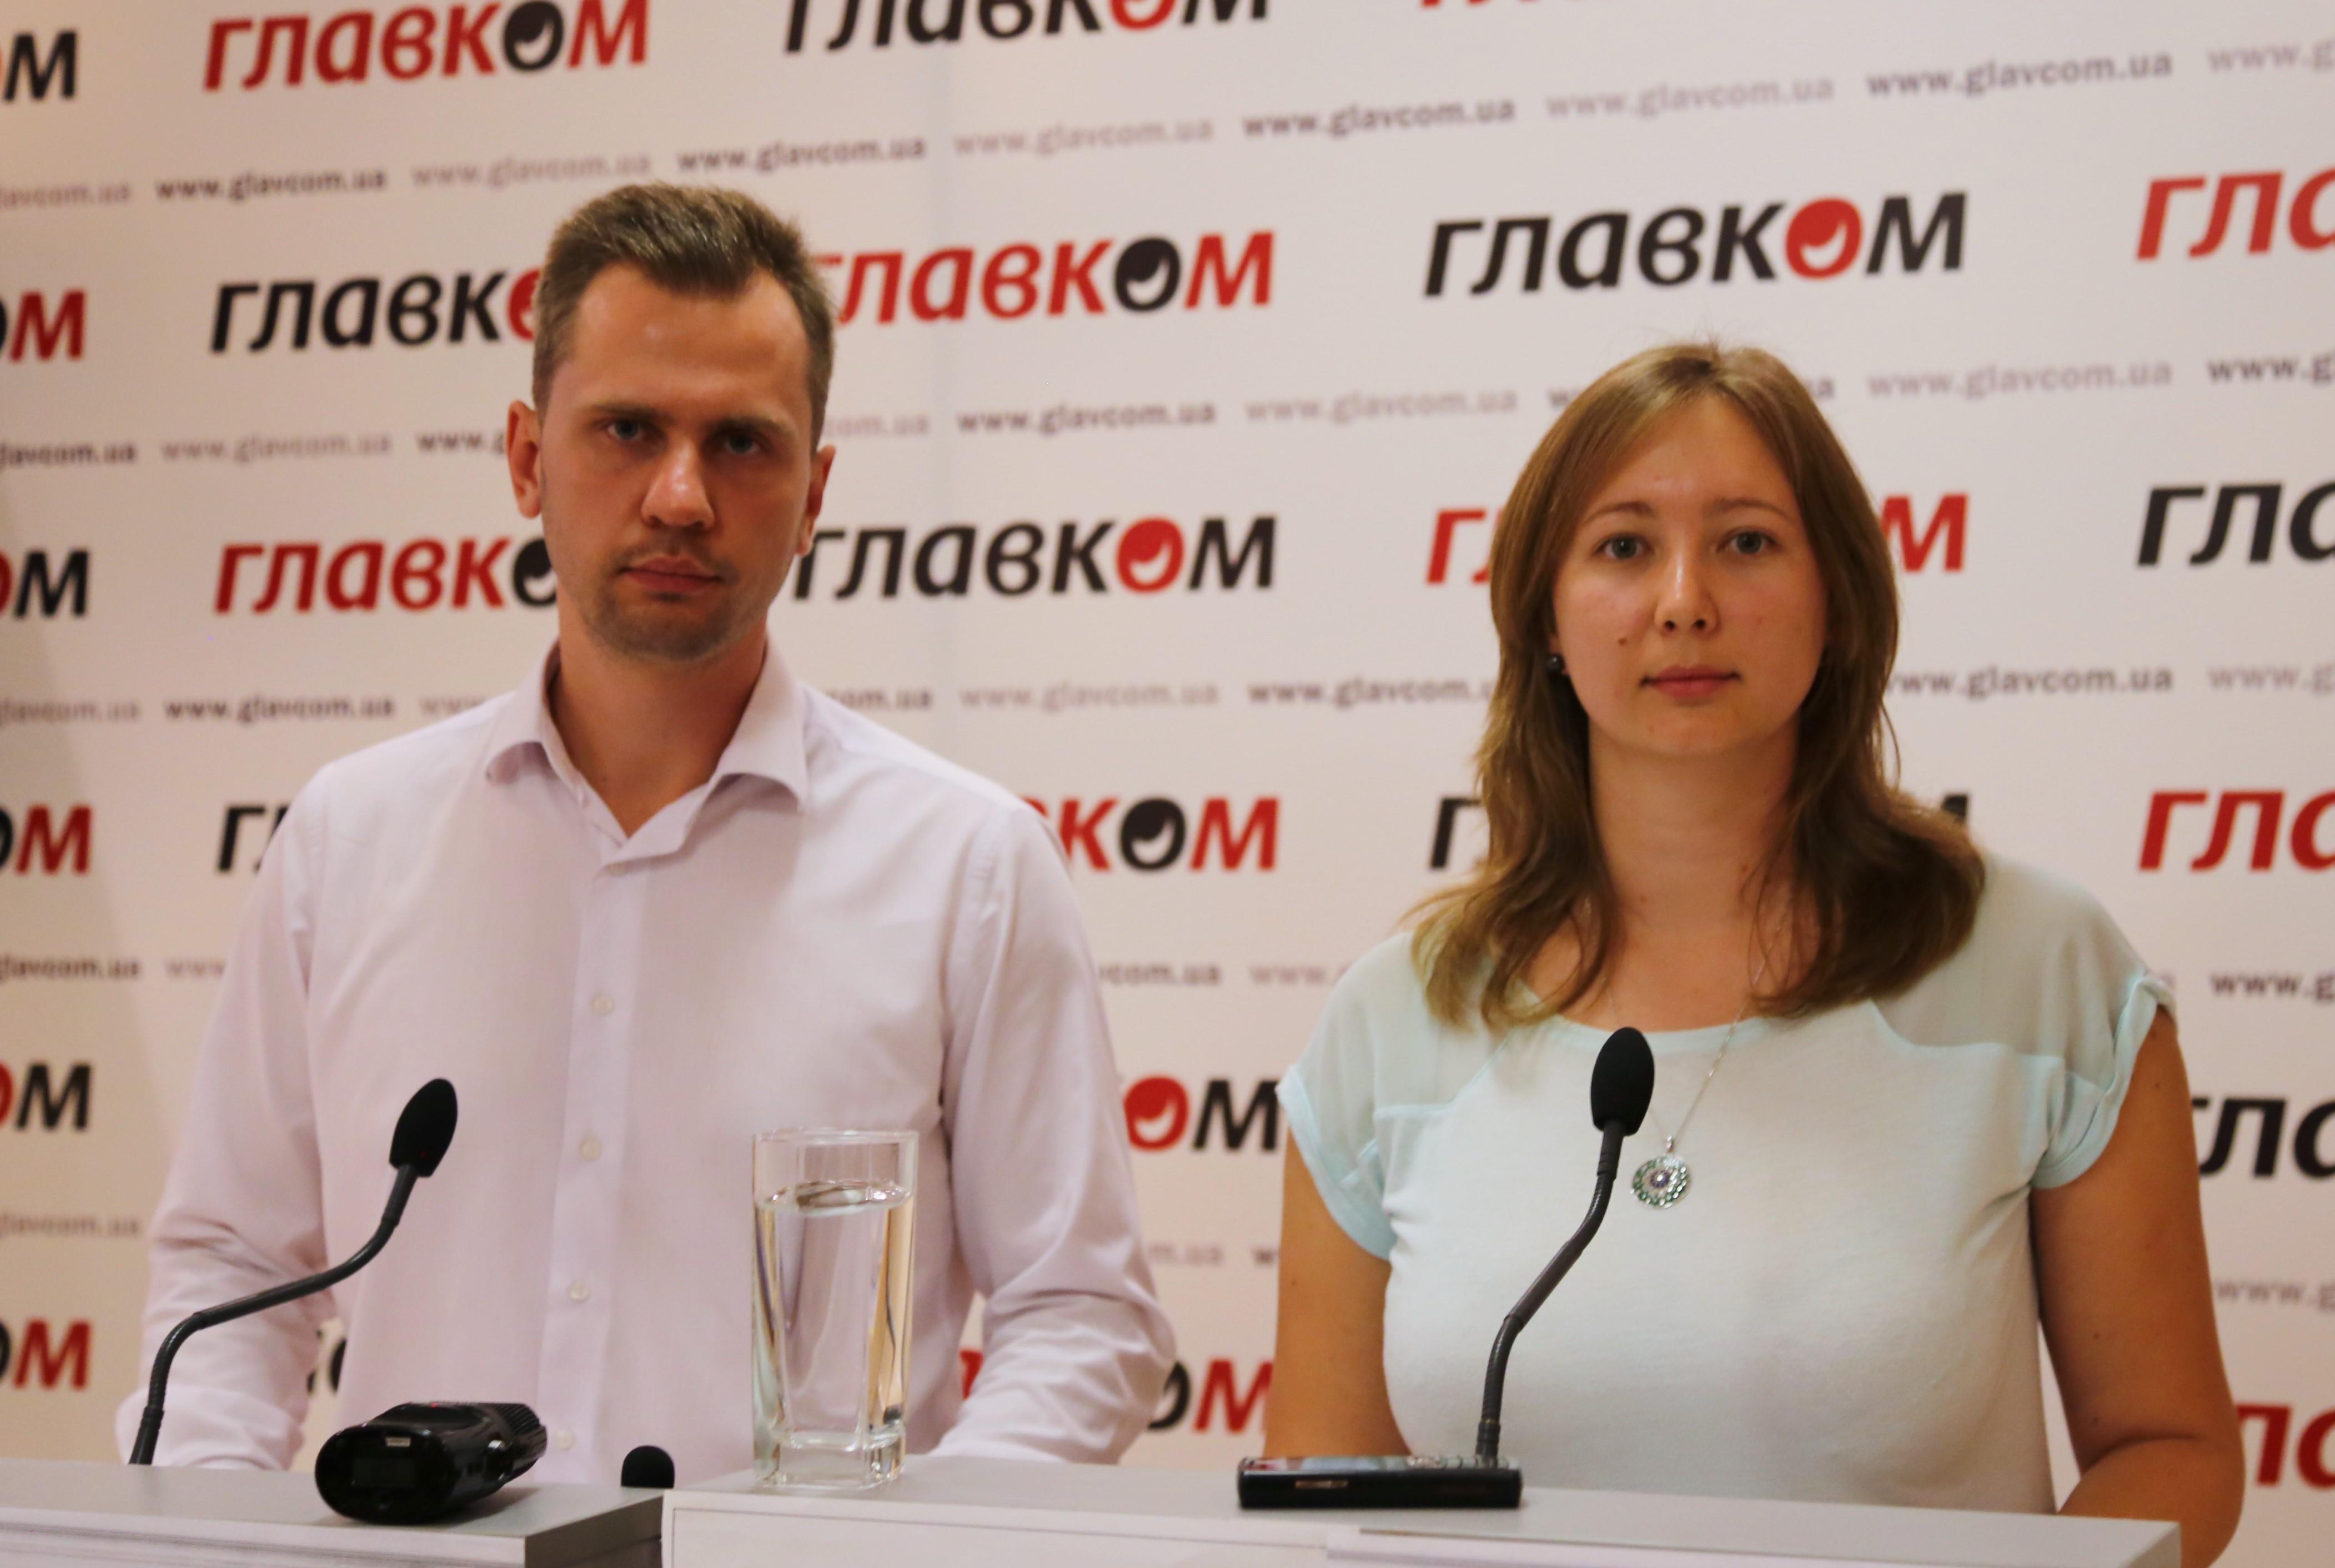 Українця Євгена Панова у Криму три дні жорстоко катували силовики з метою змусити дати свідчення